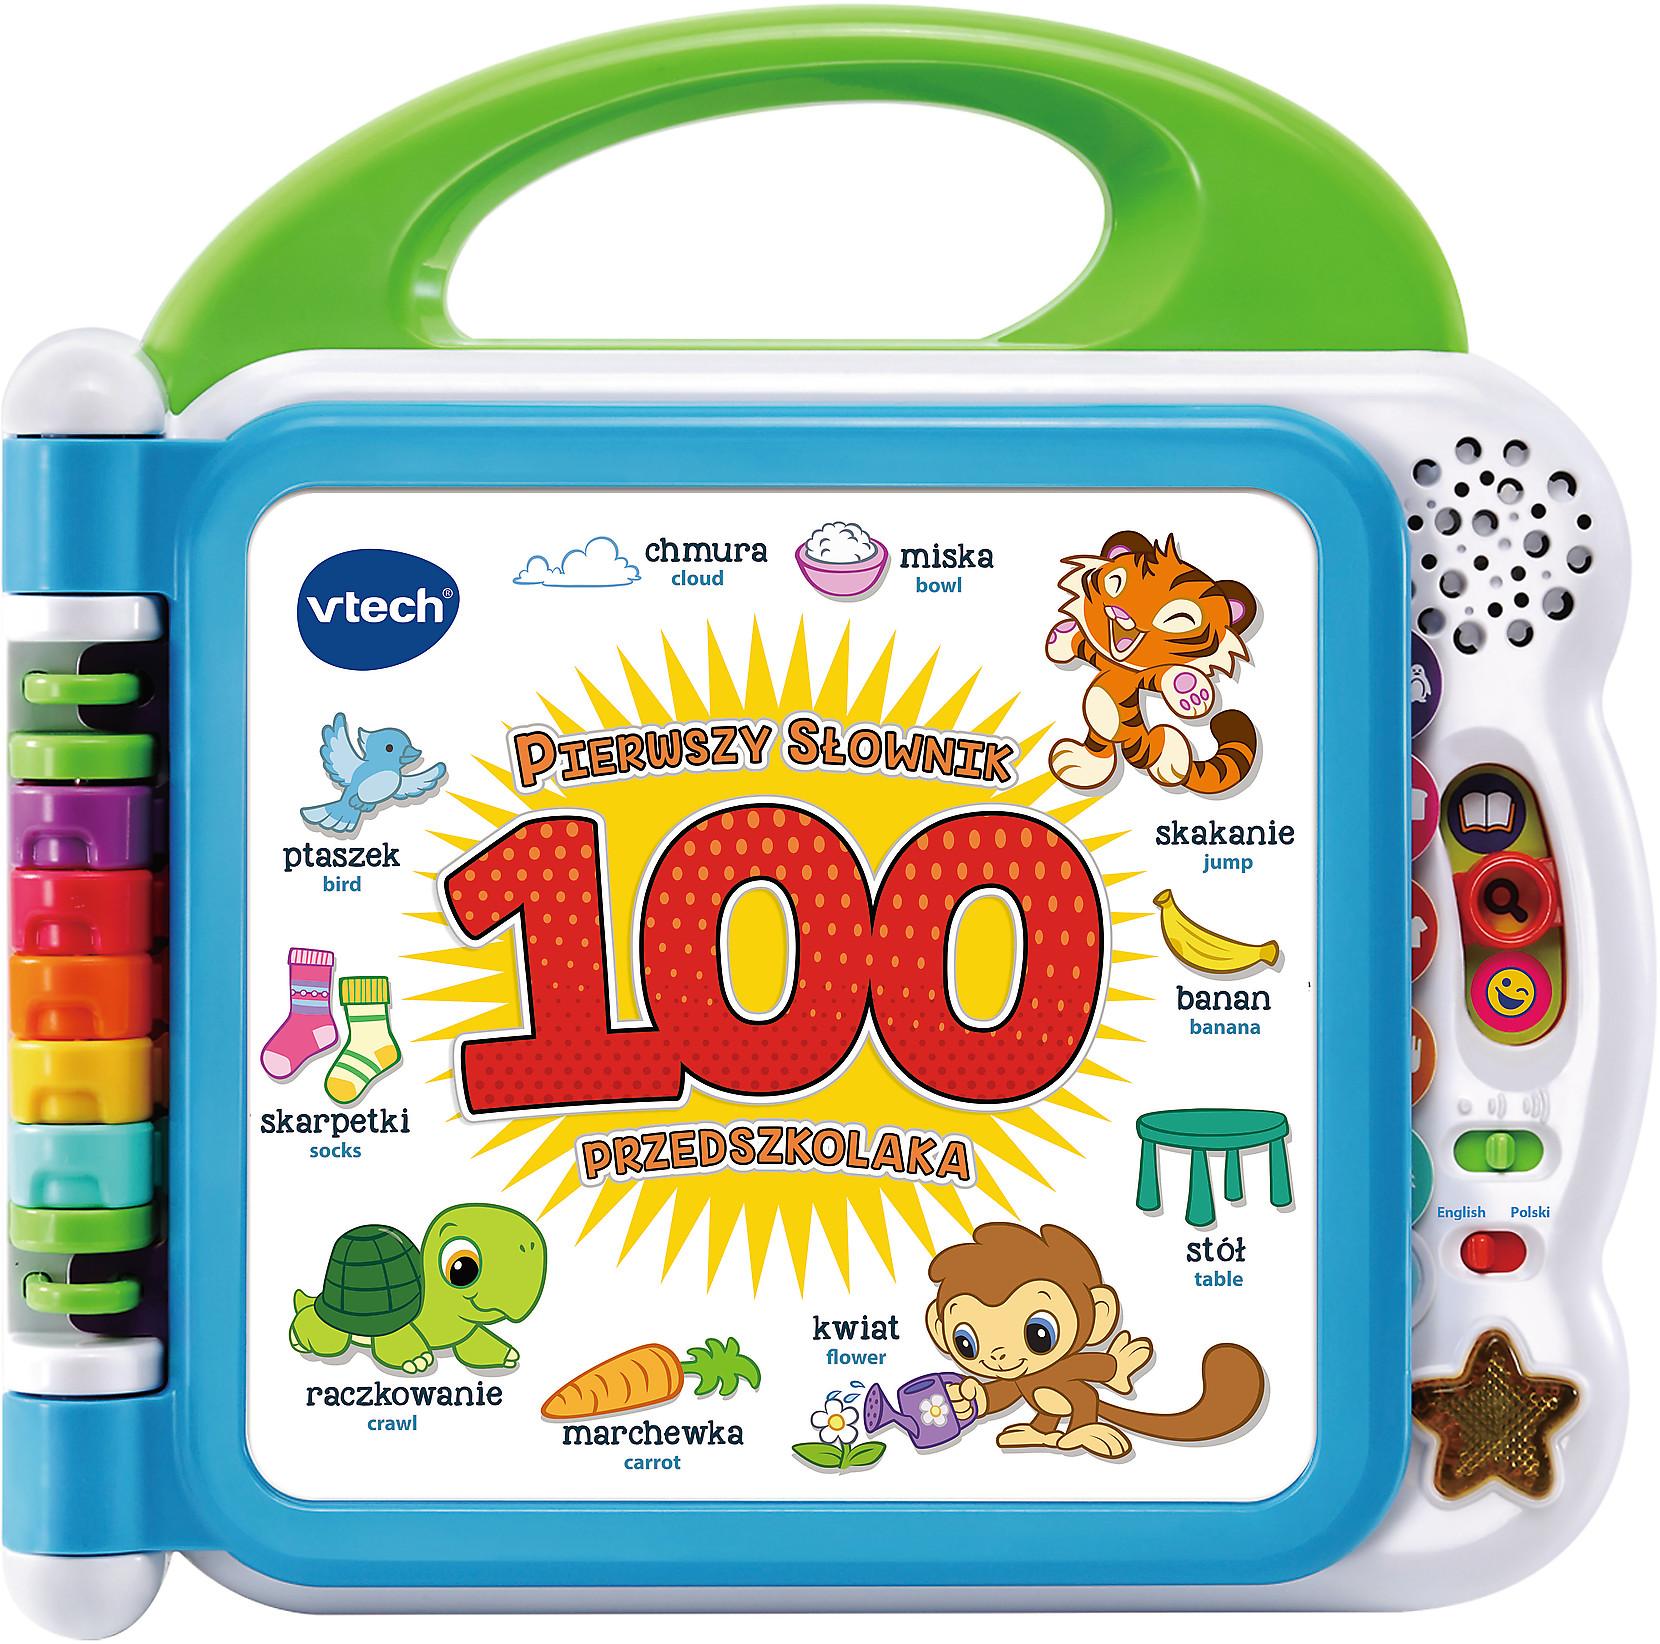 Vtech 61090 Pierwszy Słownik Przedszkolaka Dwujęzyczny